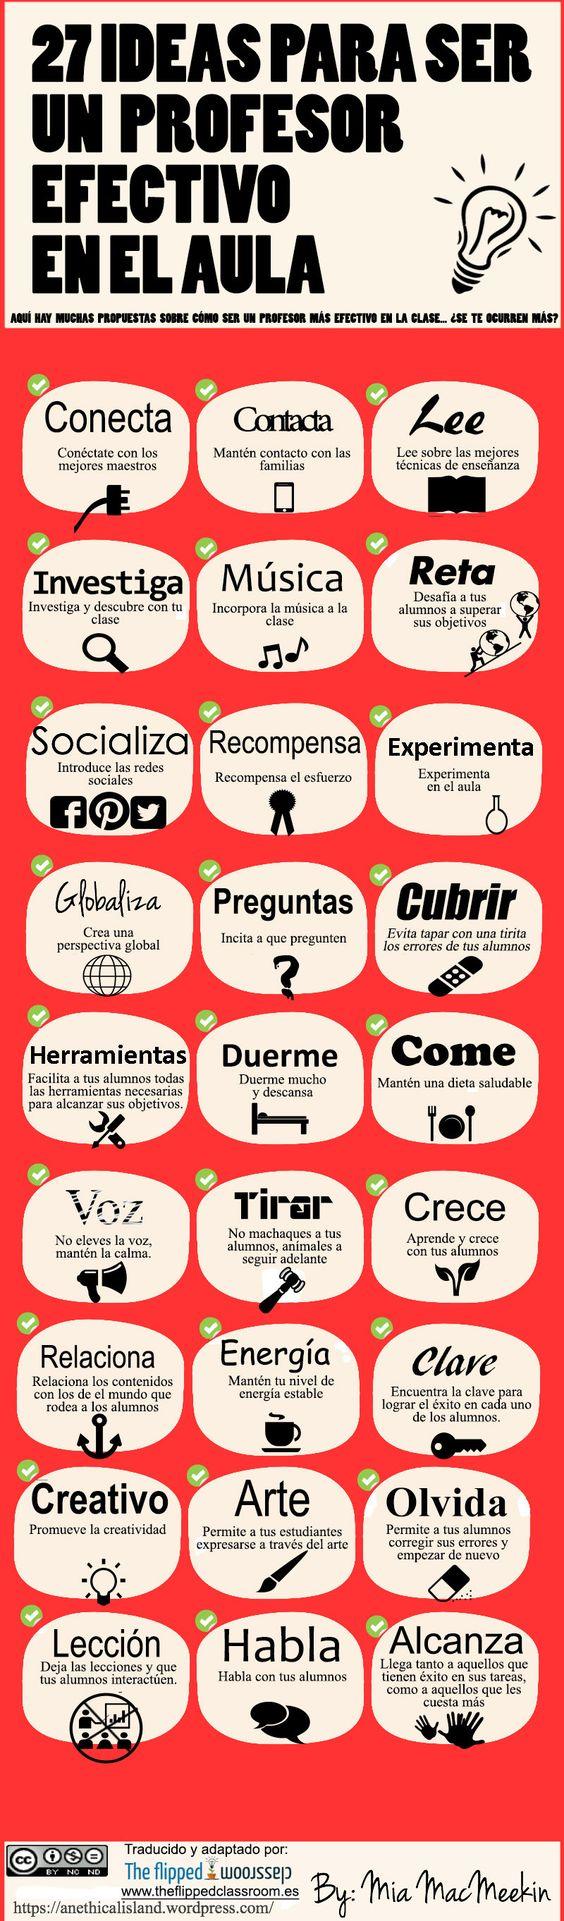 27 IDEAS PARA SER UN PROFESOR EFECTIVO EN EL AULA